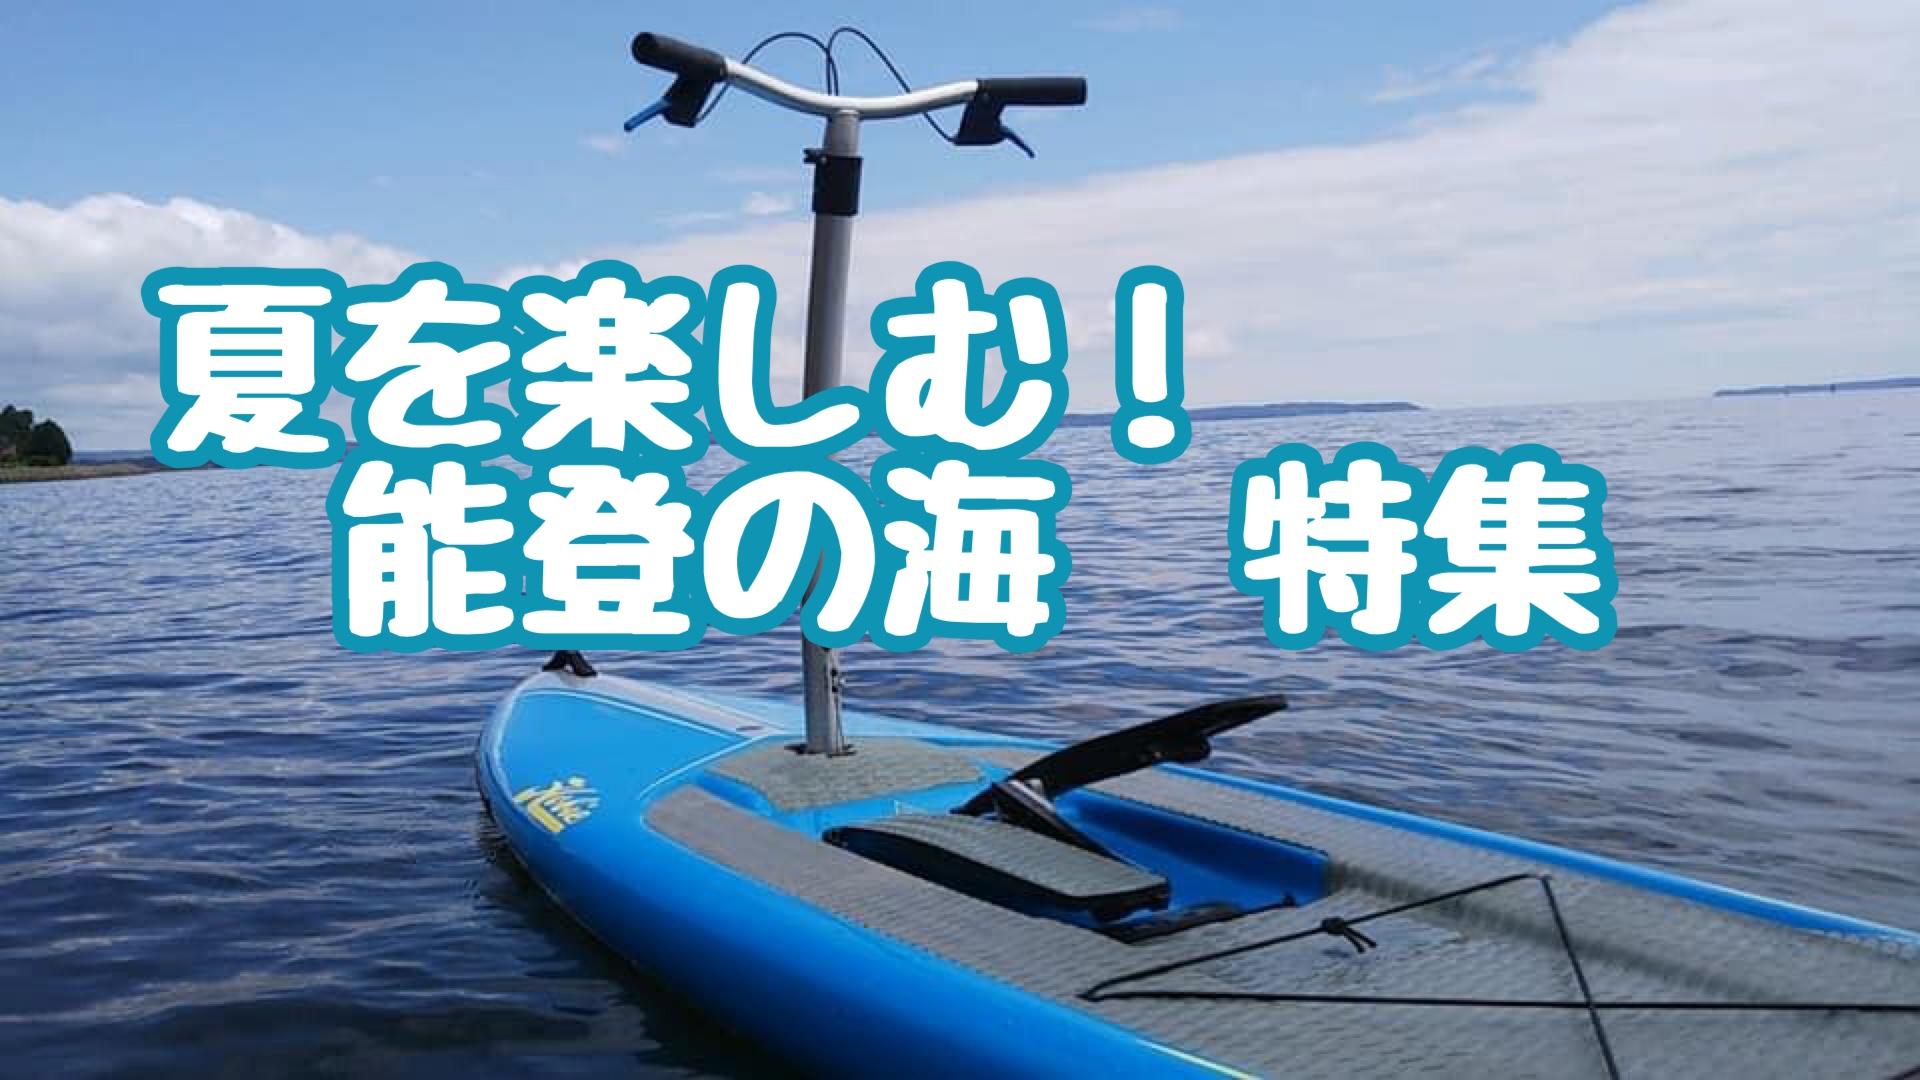 """""""夏の能登の海""""特集!マリンスポーツや海遊びで夏を楽しもう!【能登】"""